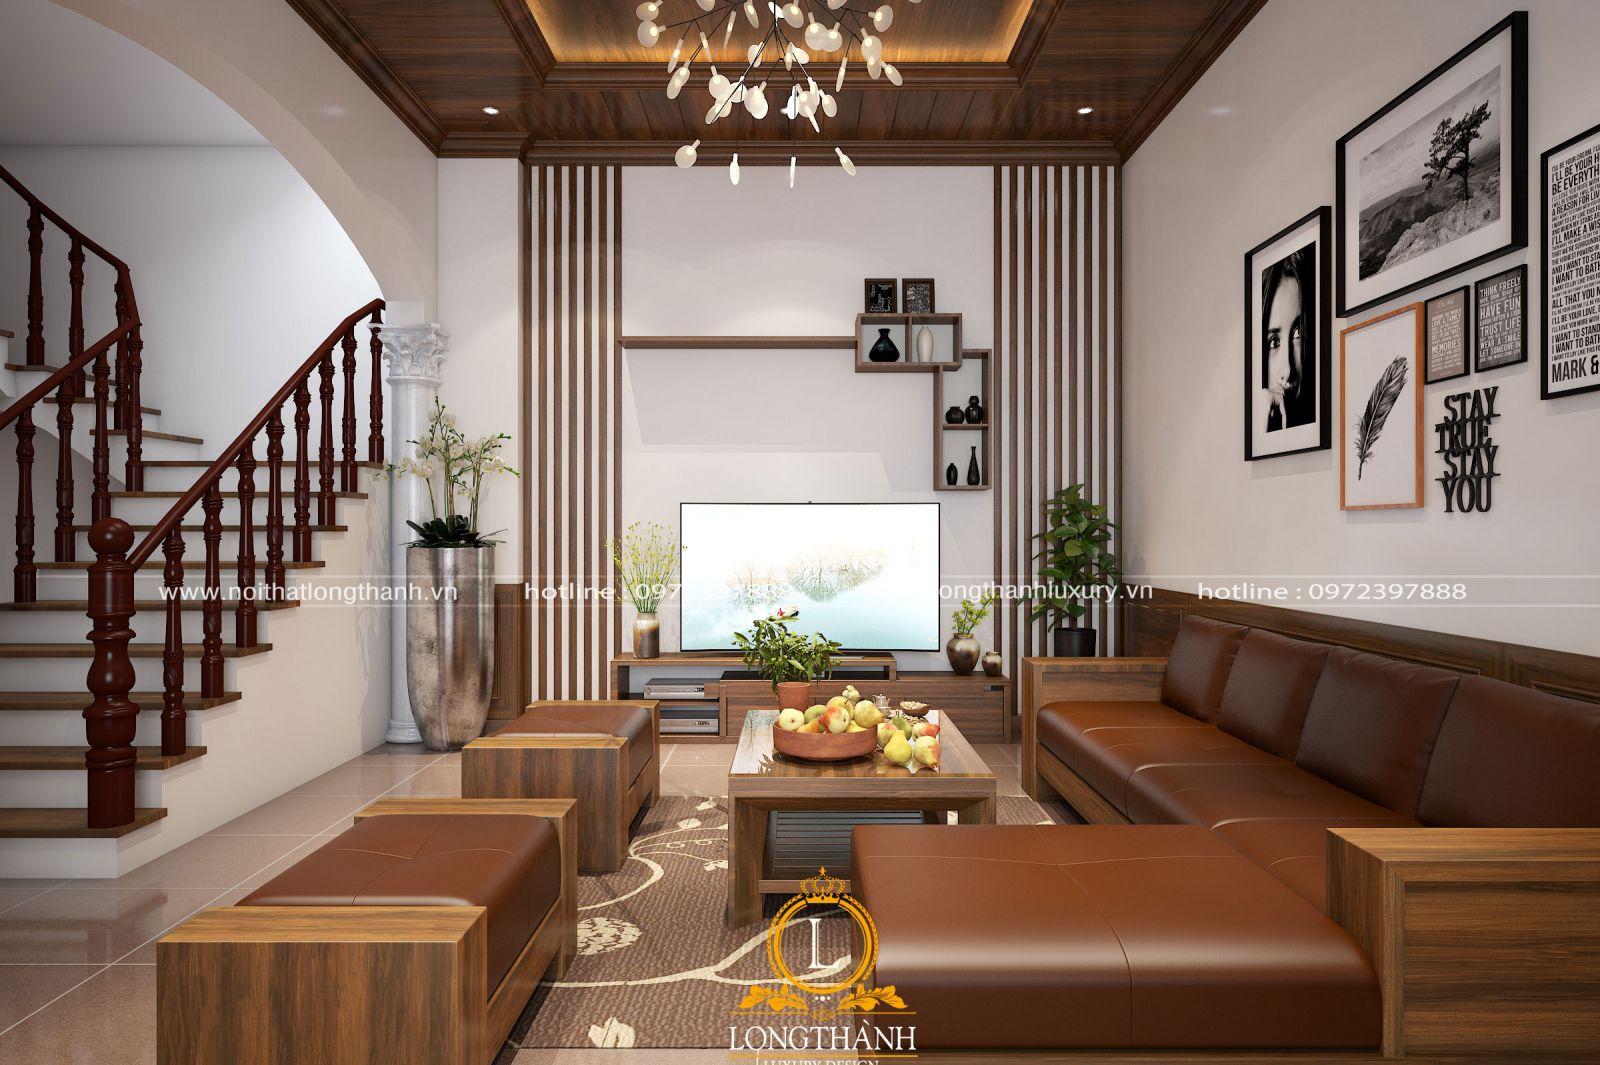 Tranh treo tường được lựa chọn phù hợp với không gian phòng khách hiện đại